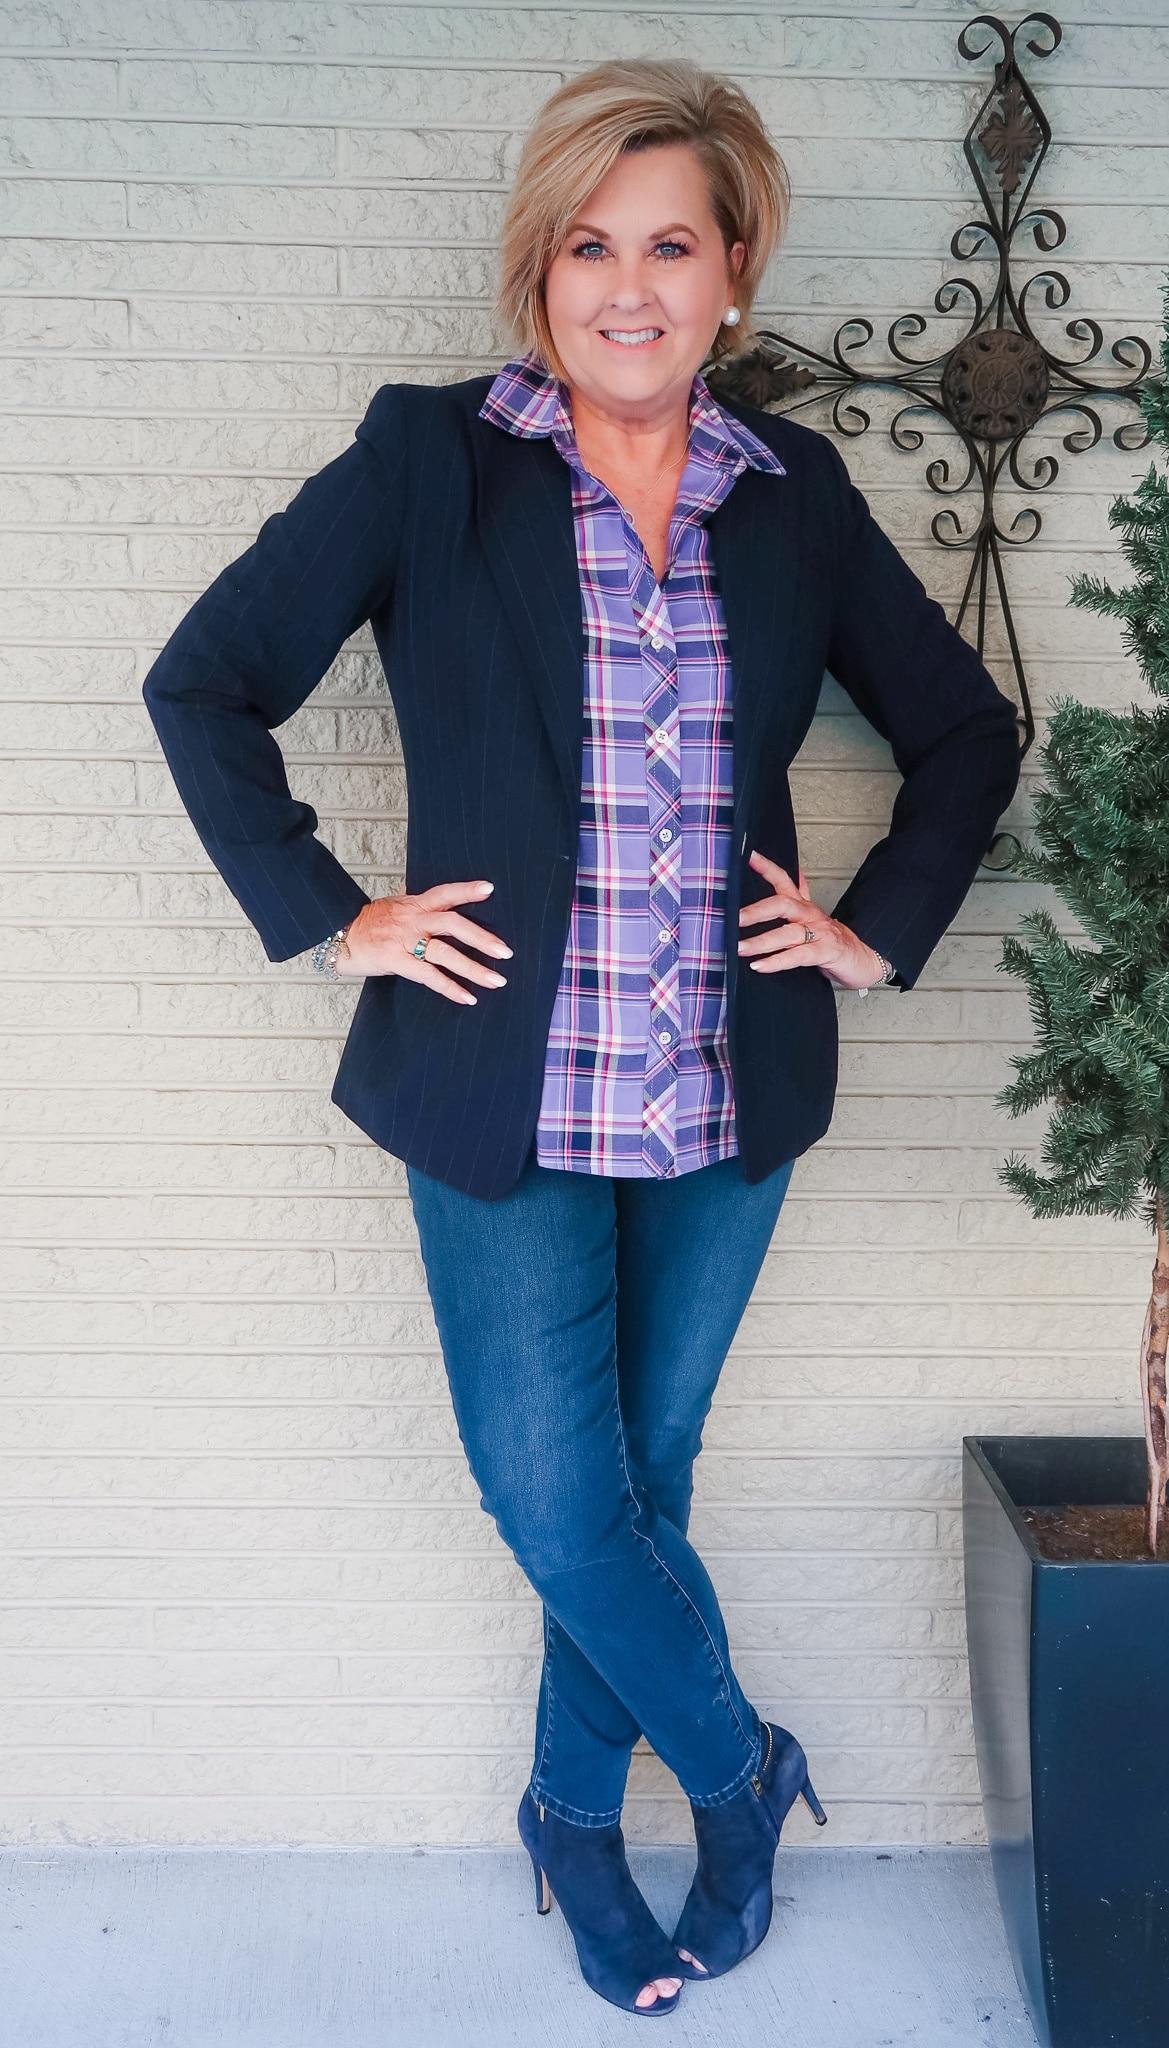 plaid purple shirt and blue blazer